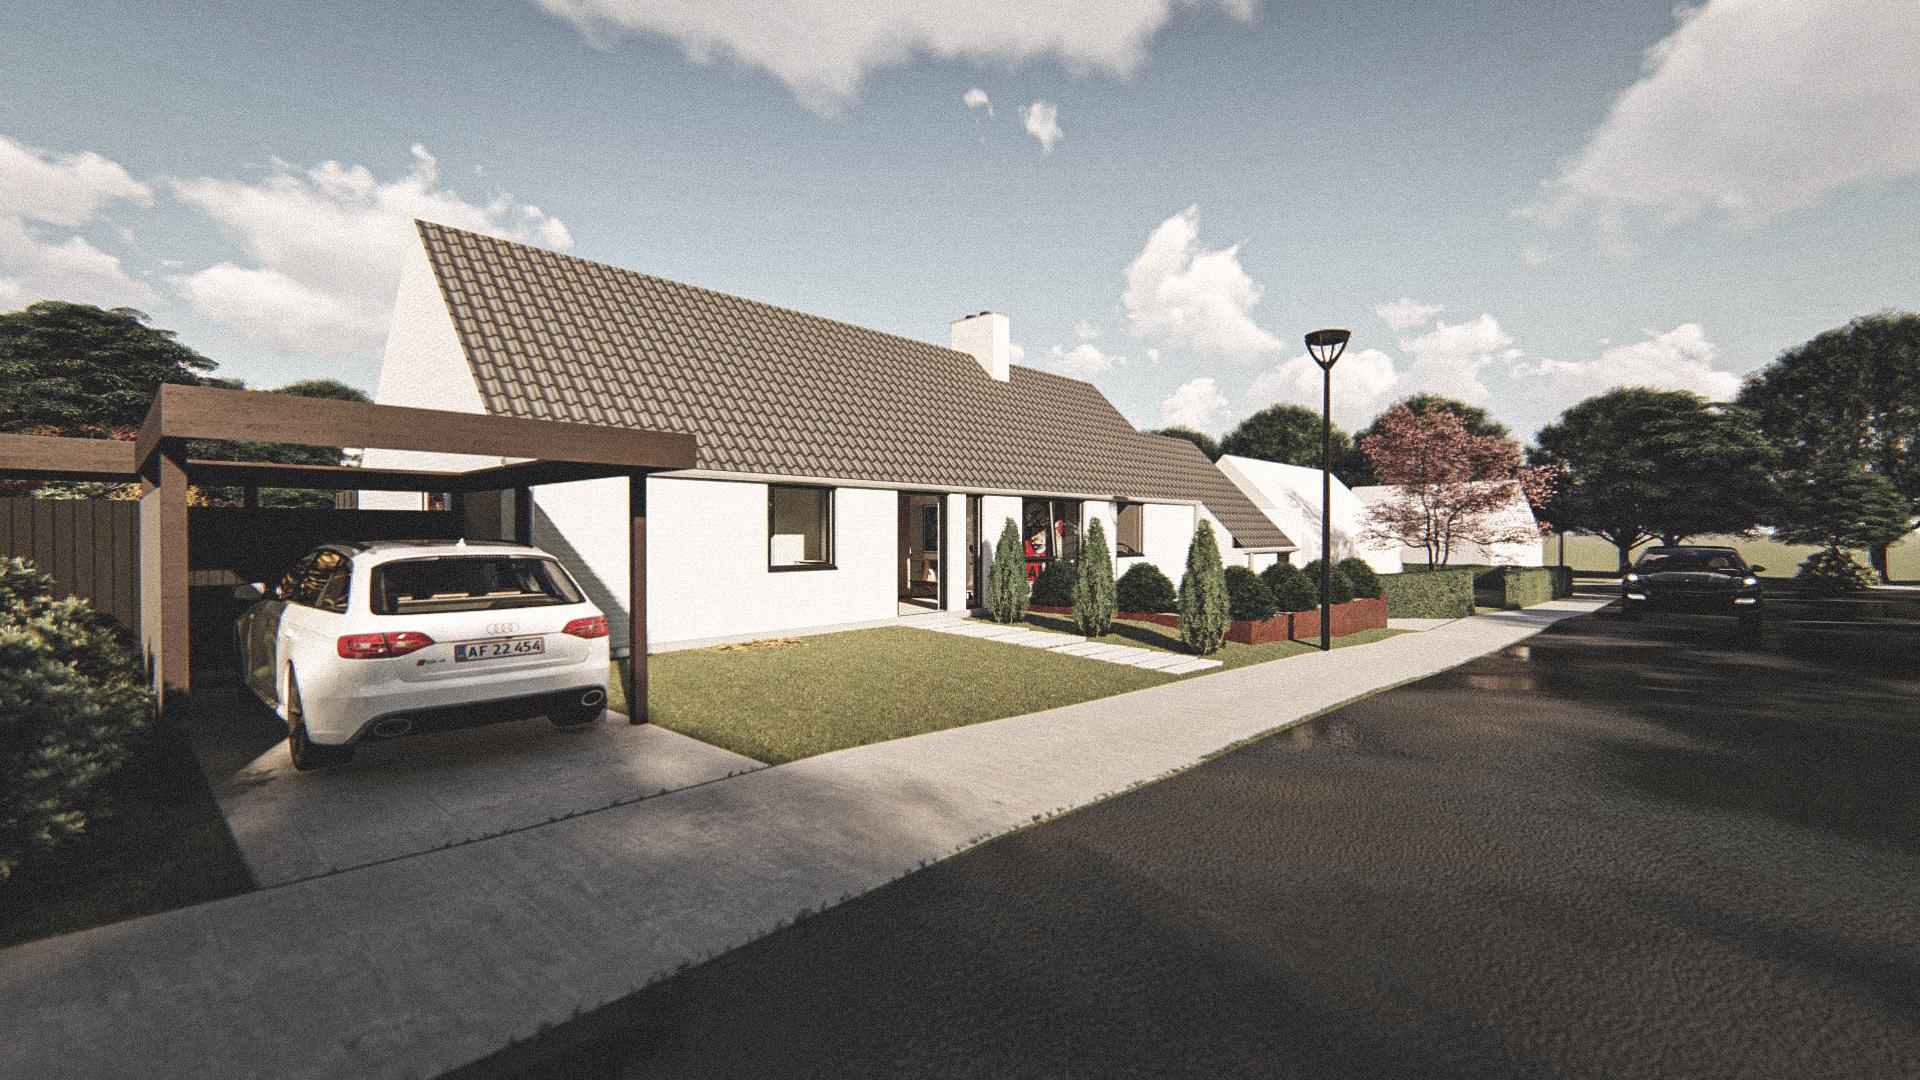 Billede af Dansk arkitekttegnet 1 plan villa af arkitektfirmaet m2plus, i Roskilde på 0 kvartratmeter.